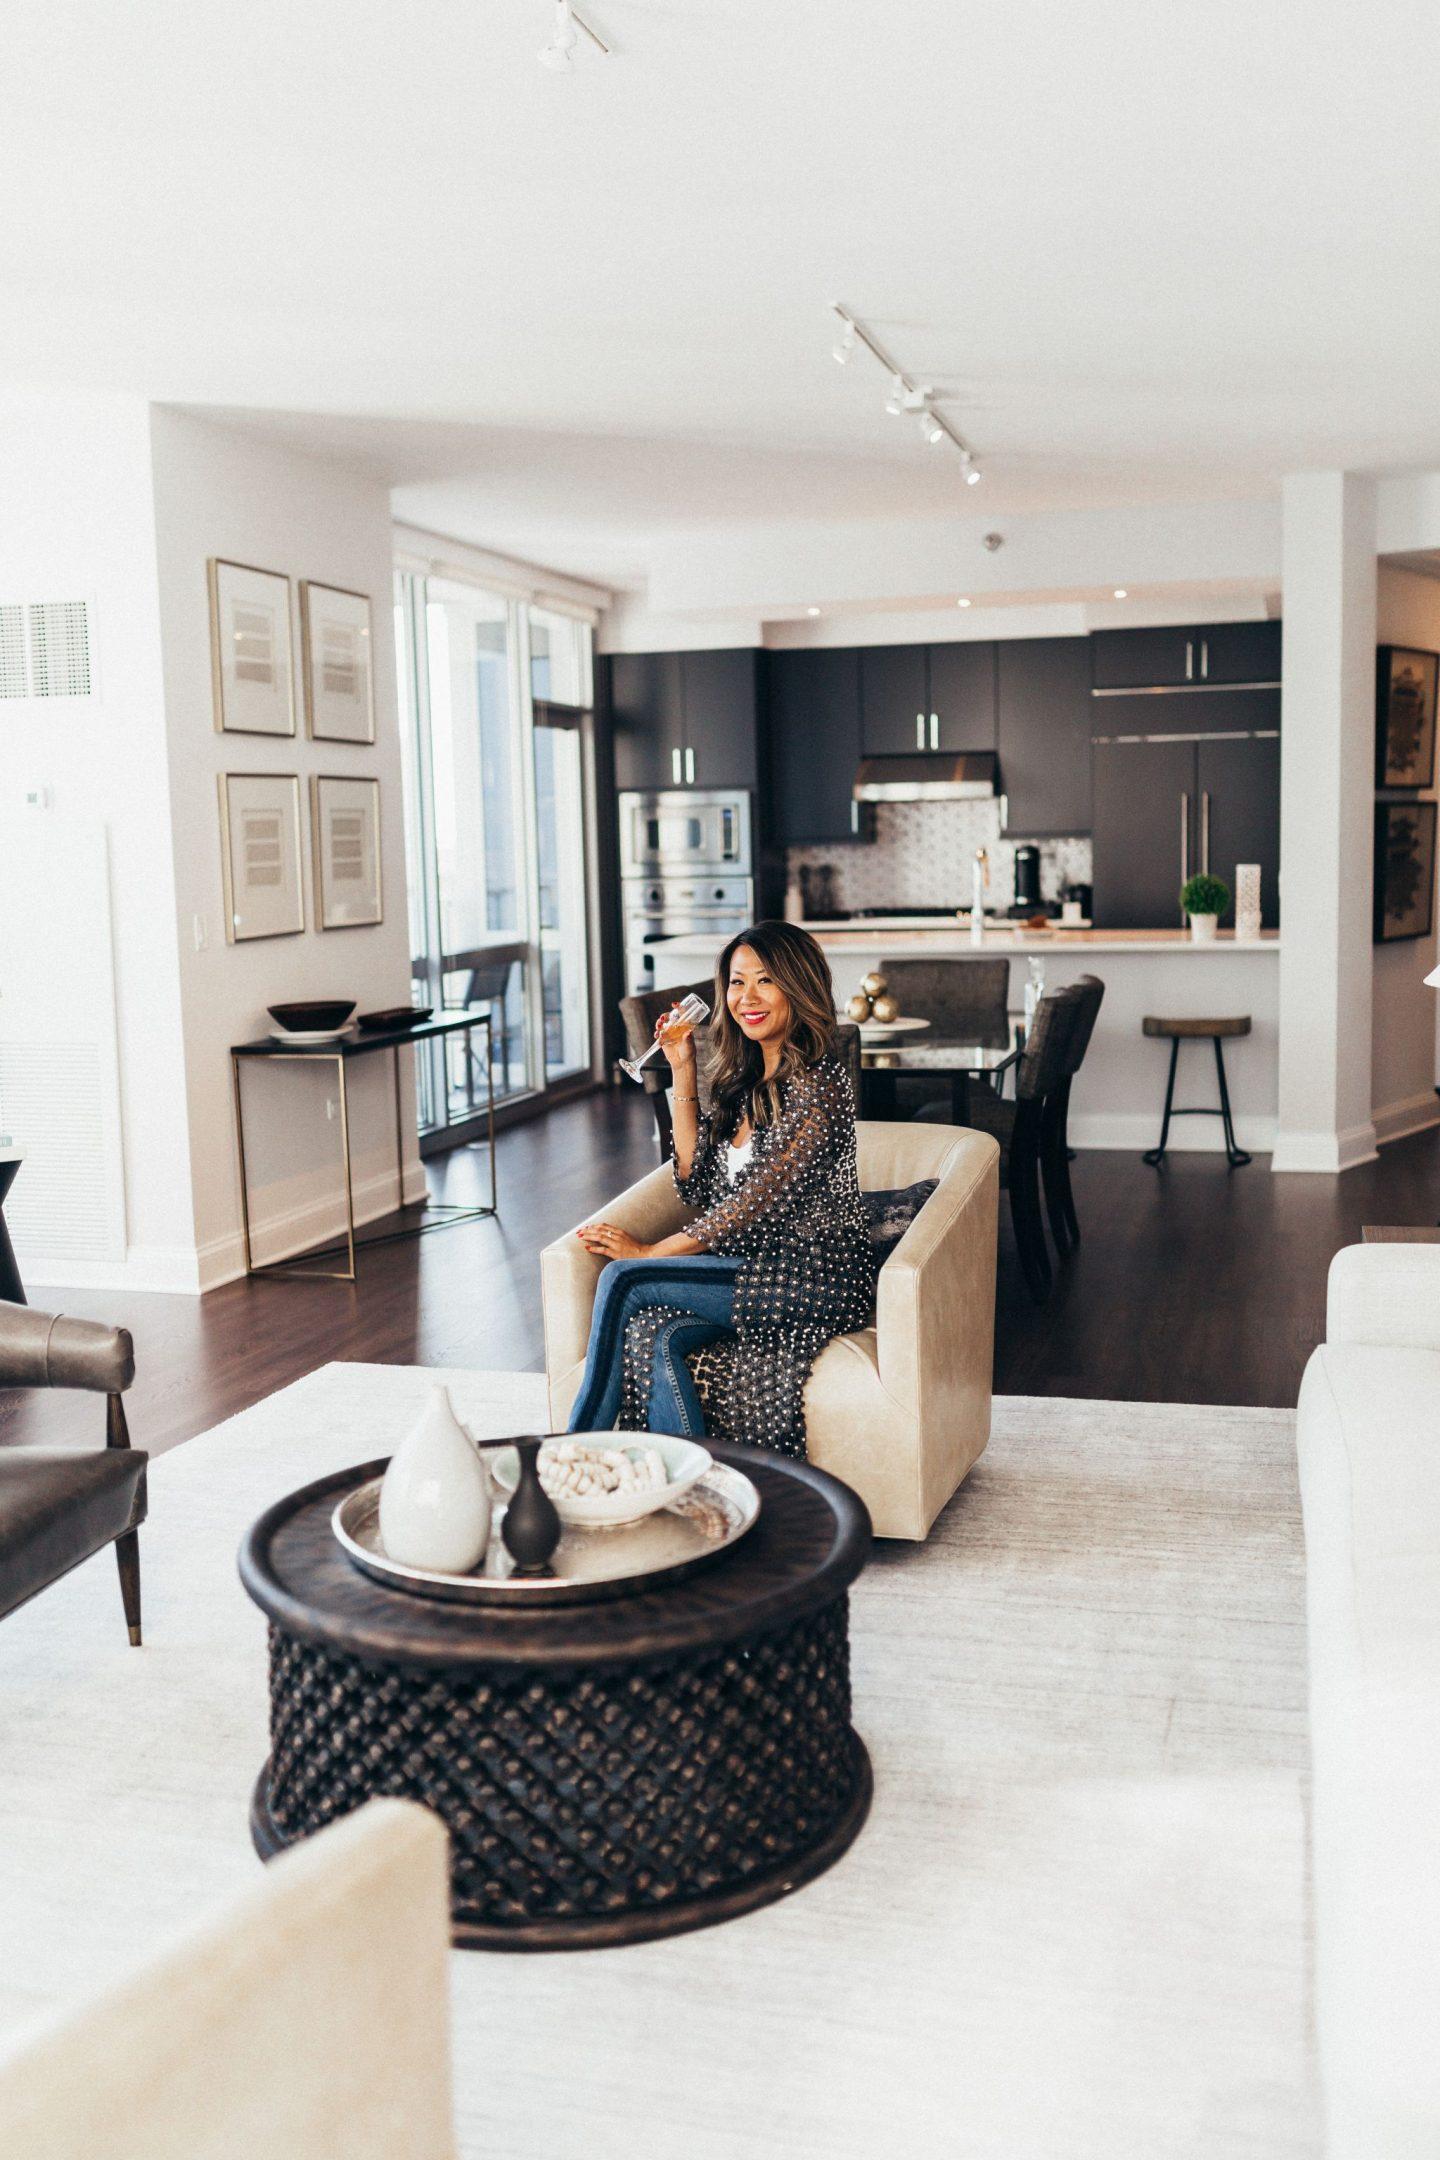 Two West Delaware, Luxury Rental Property Chicago, Best Rental Chicago, Best apartments in Chicago